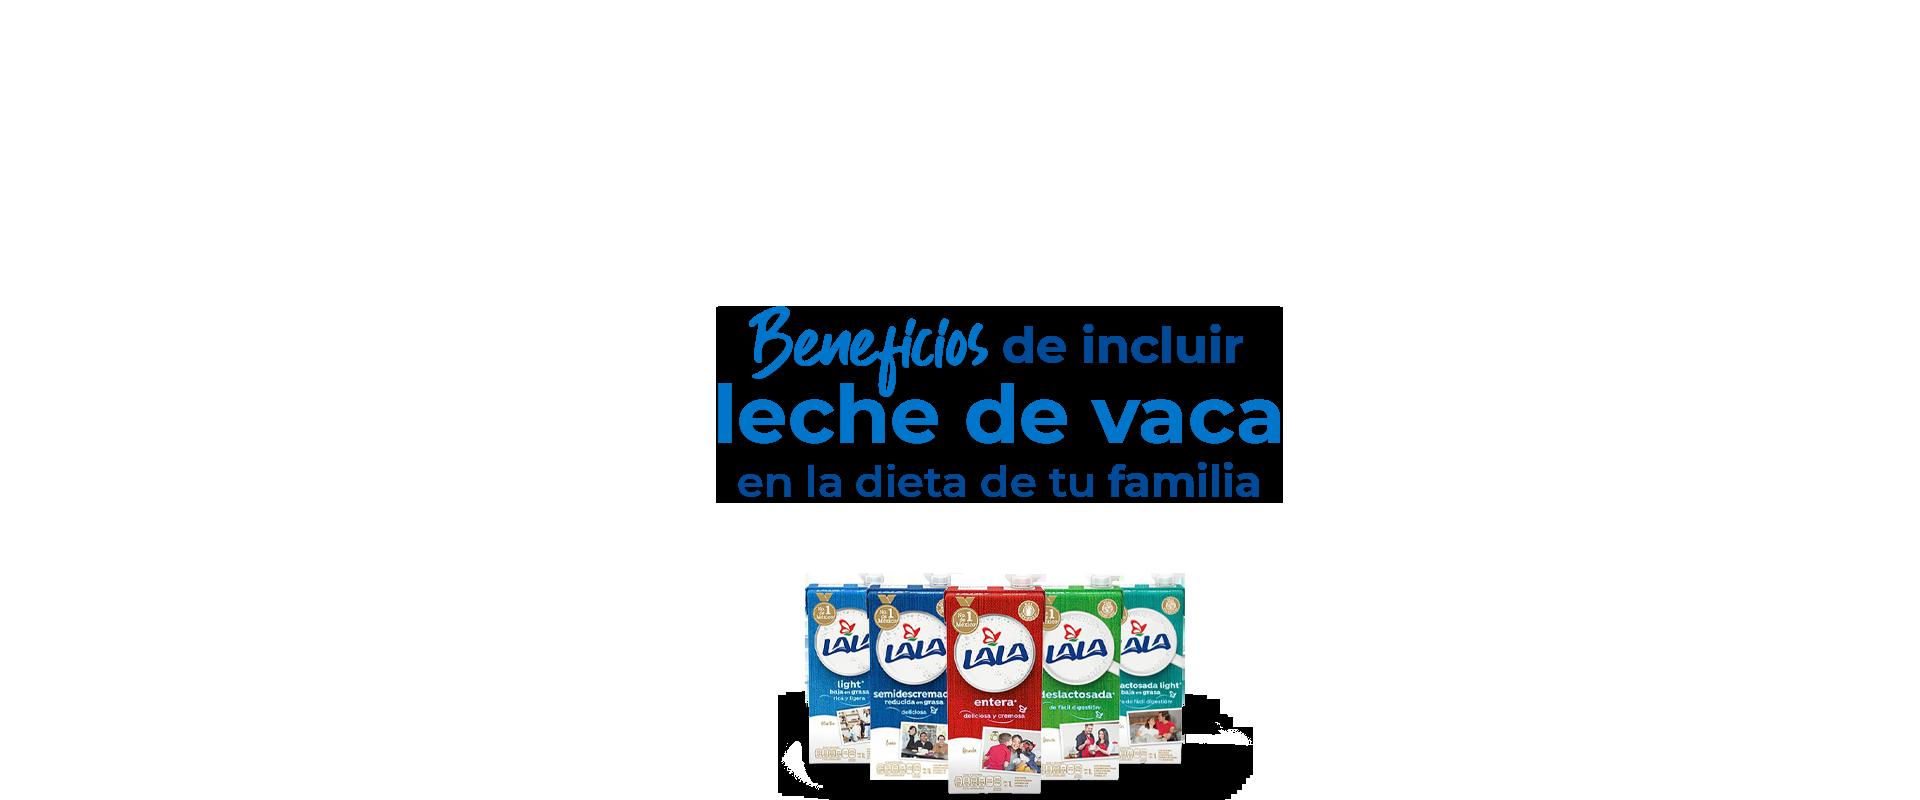 Beneficios de incluir leche de vaca en la dieta de tu familia